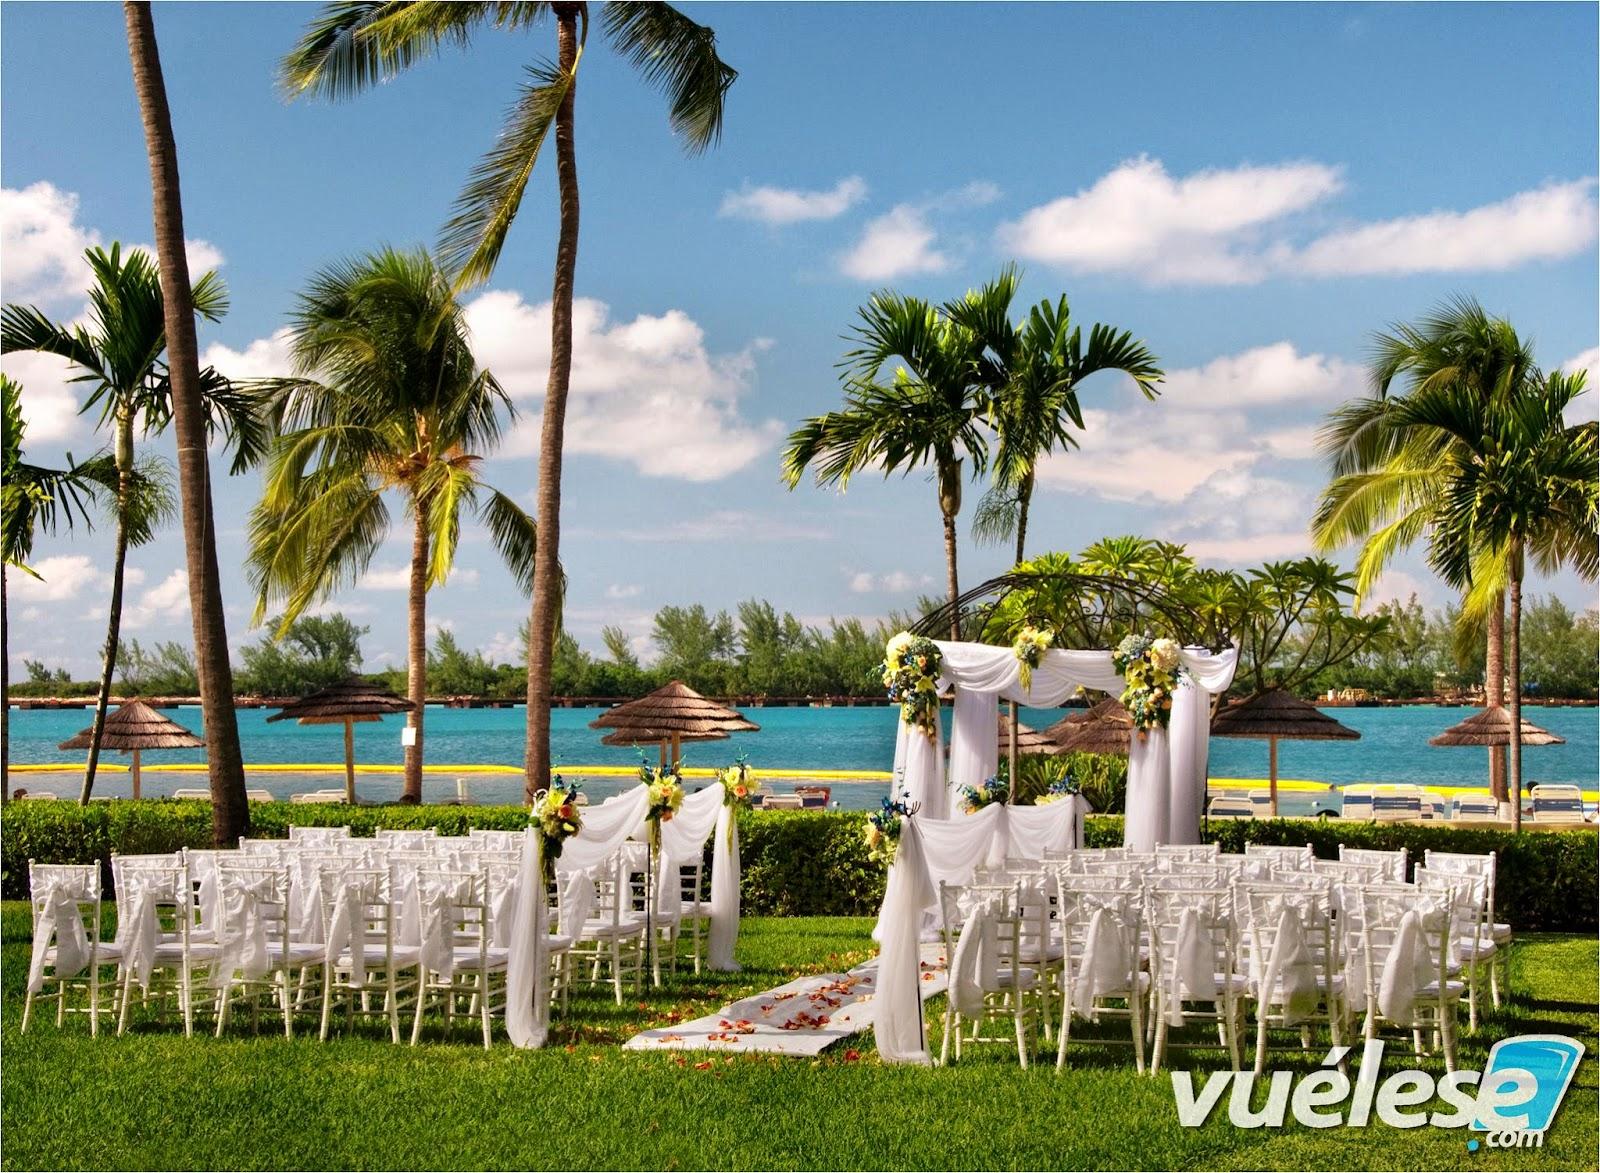 Hermosos lugares para bodas cuadros - Sitios para bodas ...